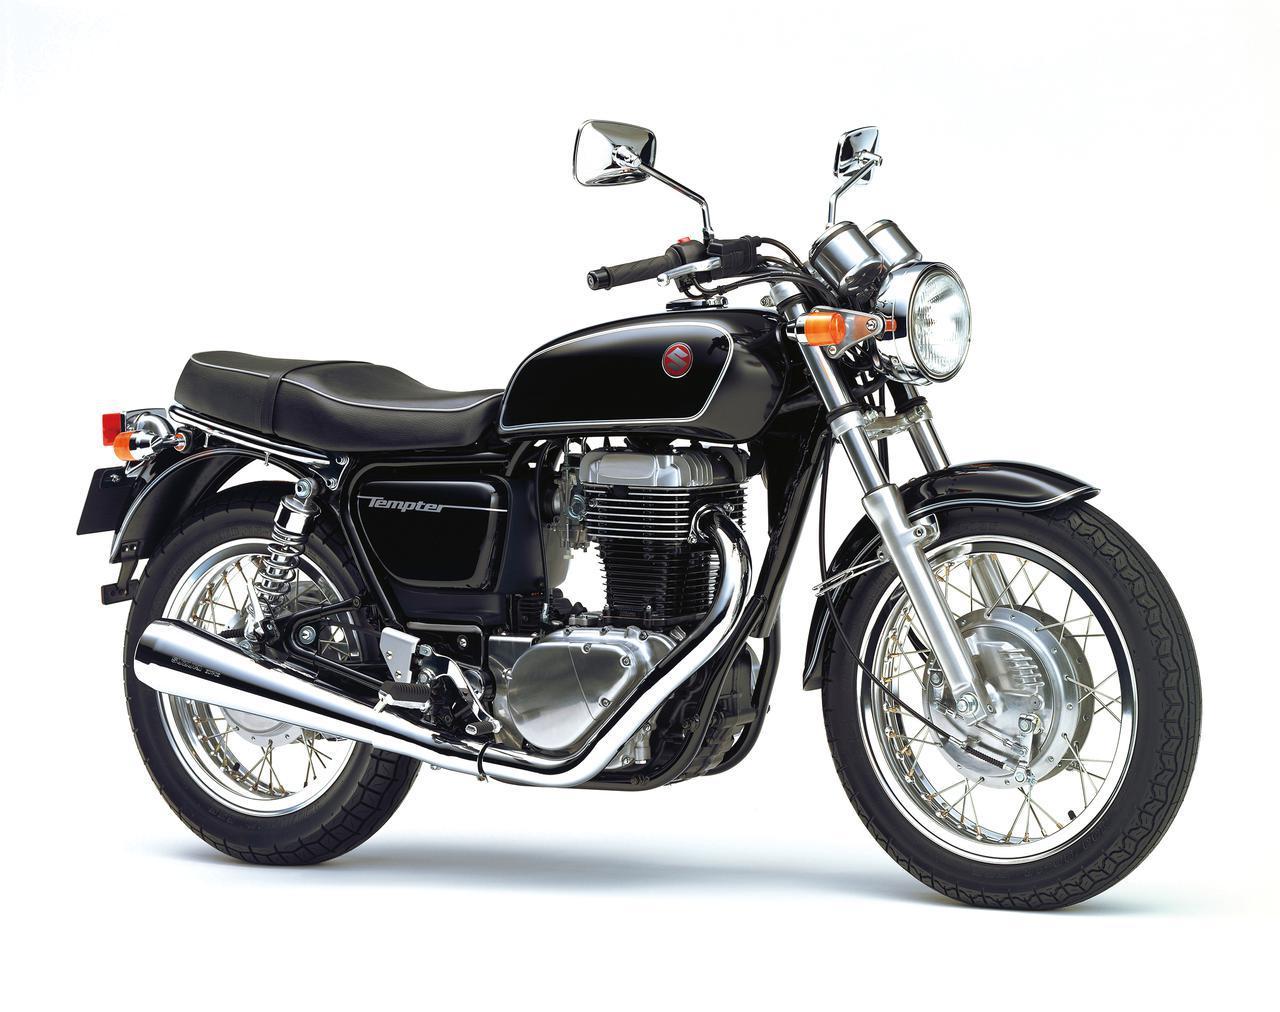 画像: SUZUKI TEMPTER400 1997 発売当時価格:46万9000円 カラー:パールノベルティブラック